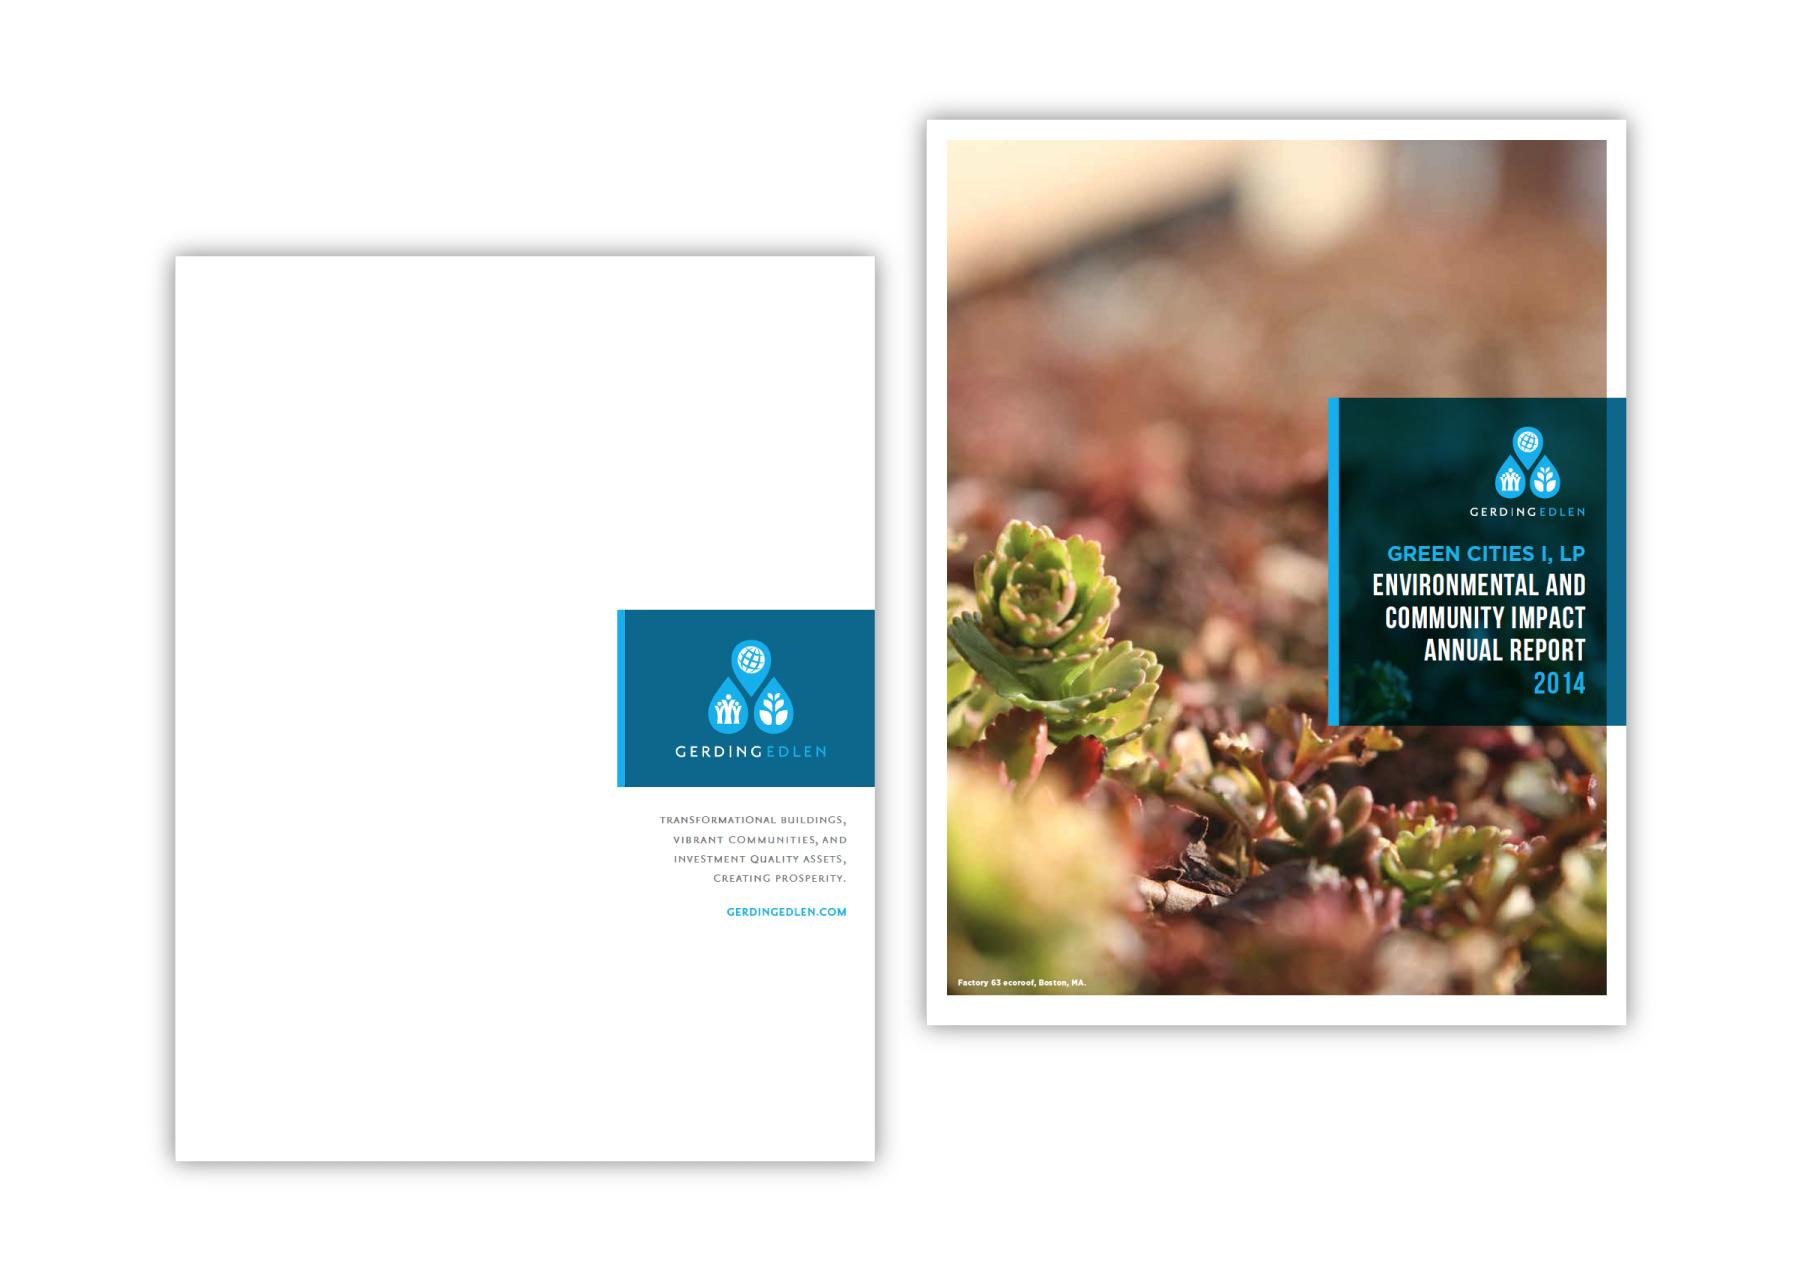 Gerding-Edlen-Sustainability-Report-1.jpg